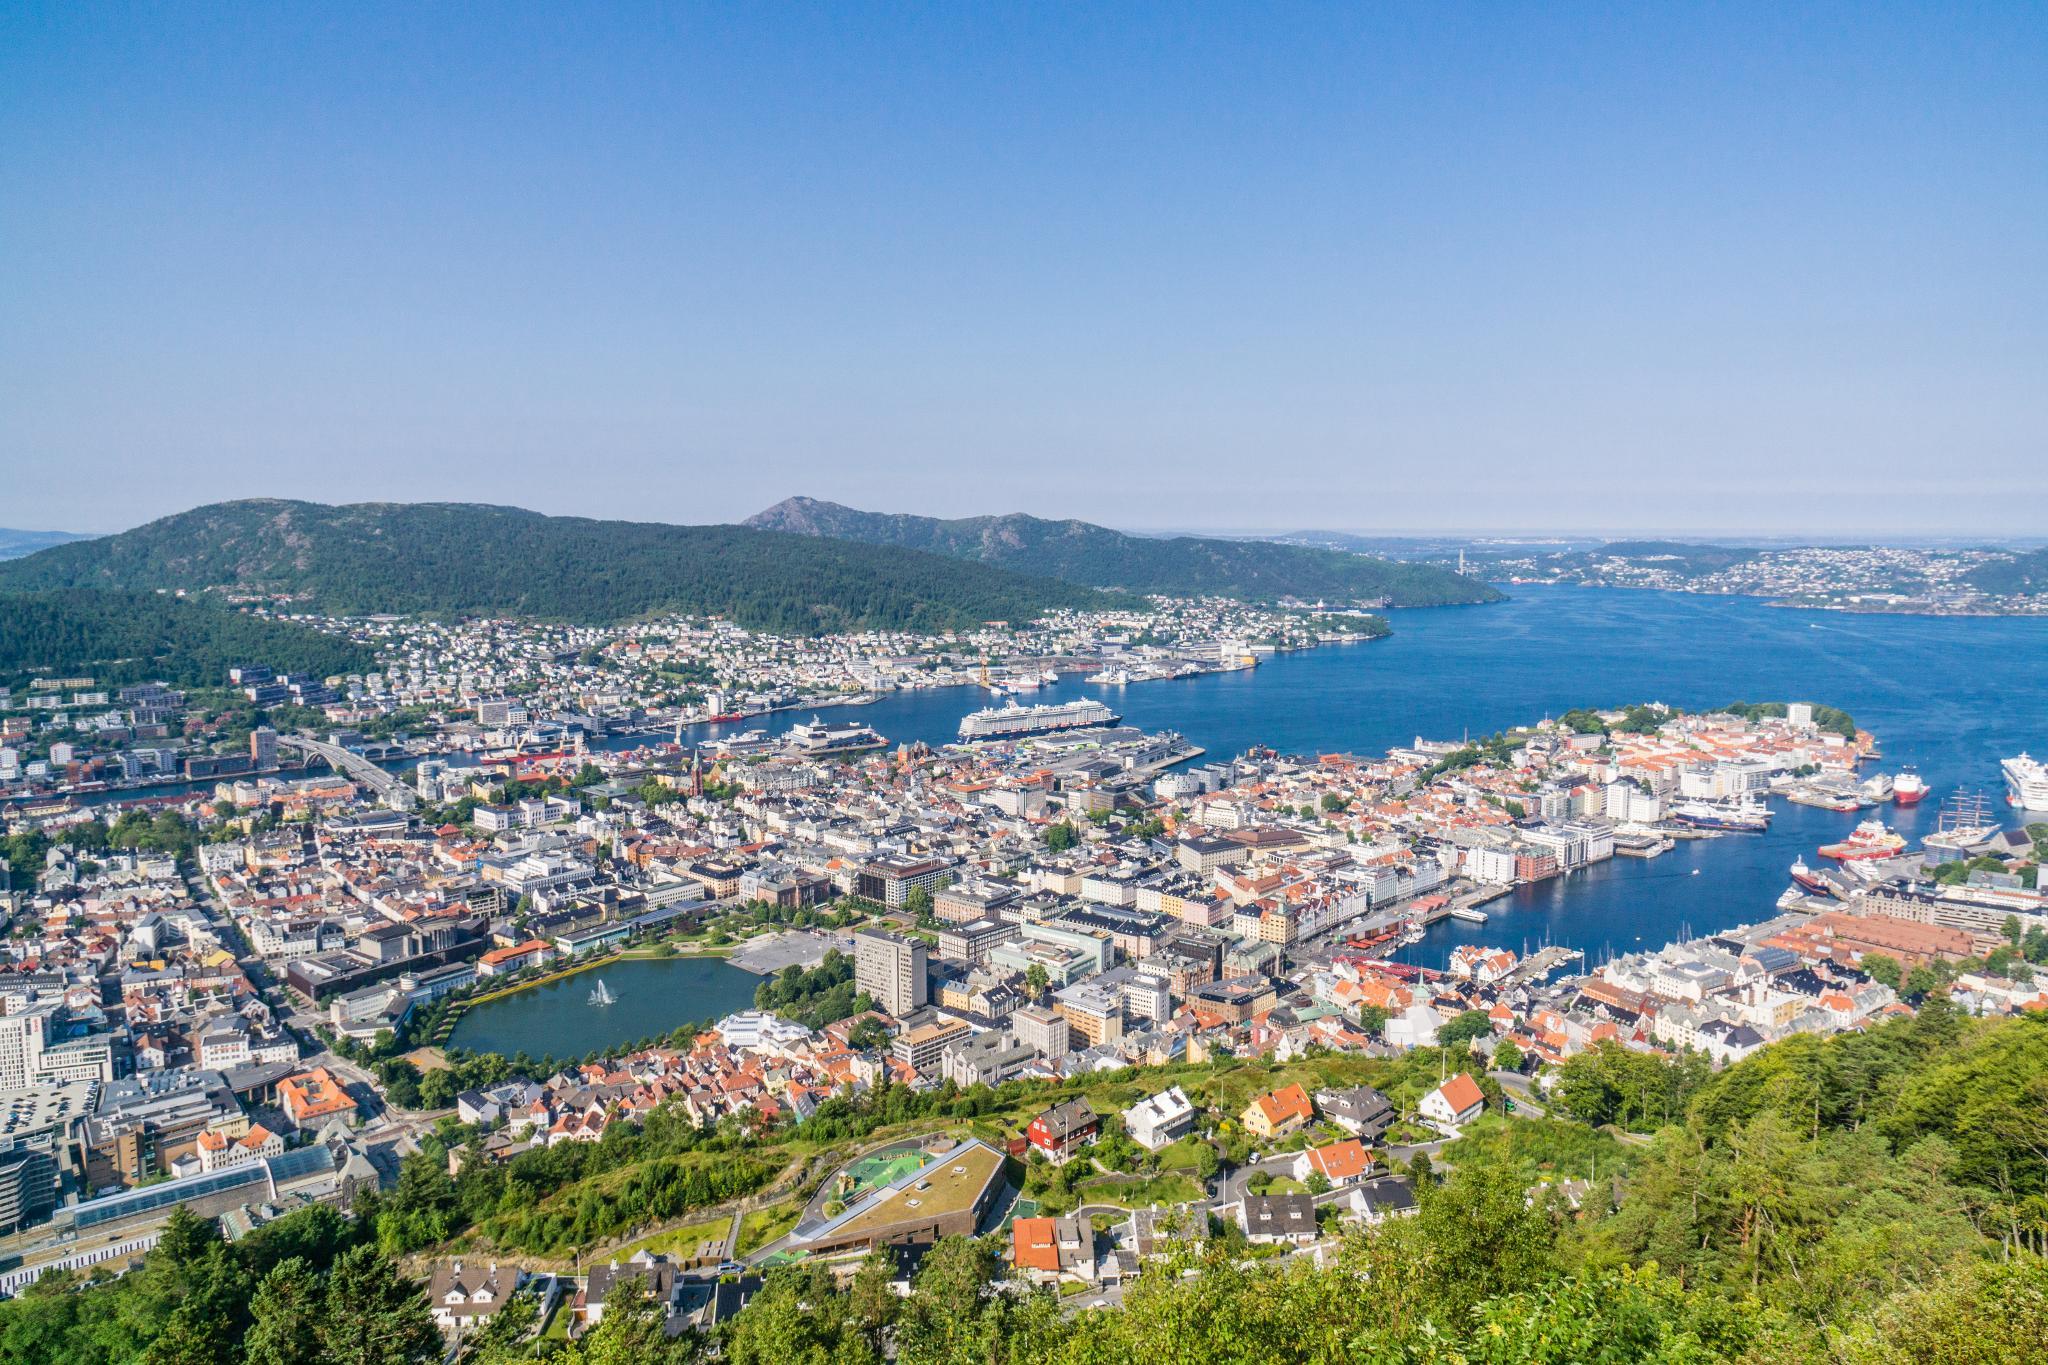 【卑爾根】超級震撼的隱藏版挪威景點 — Stoltzekleiven桑德維克斯石梯與Fløyen佛洛伊恩觀景台大縱走 27